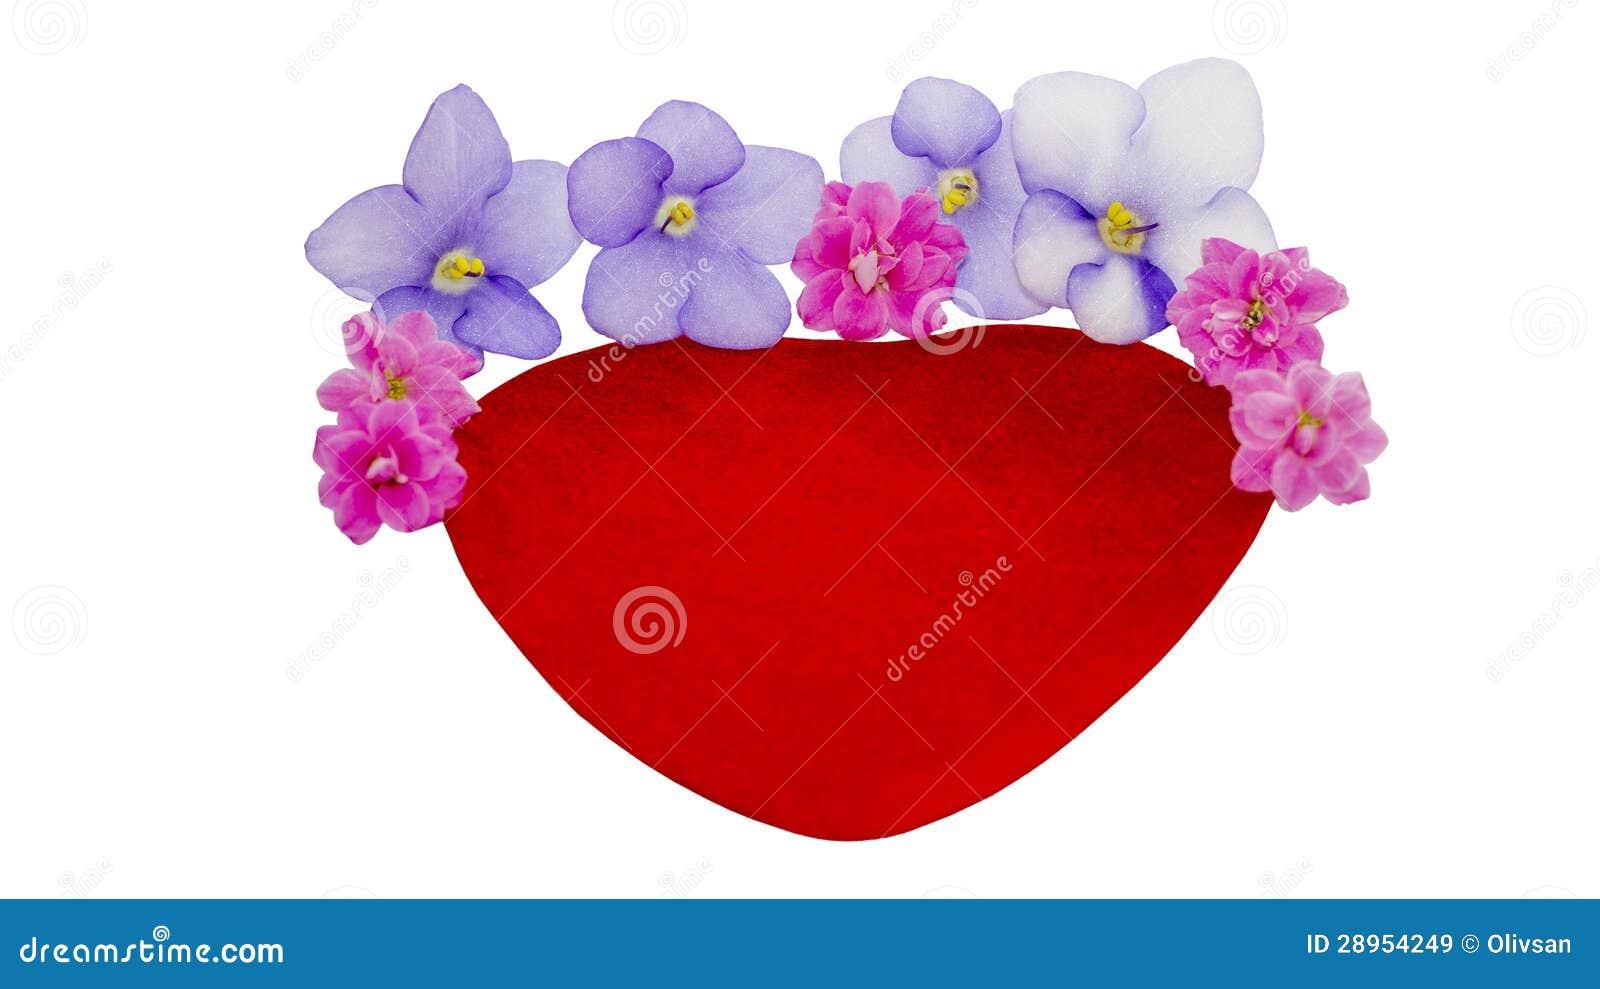 Coeur de velours et fleurs naturelles images libres de droits image 28954249 - Coeur en fleurs naturelles ...